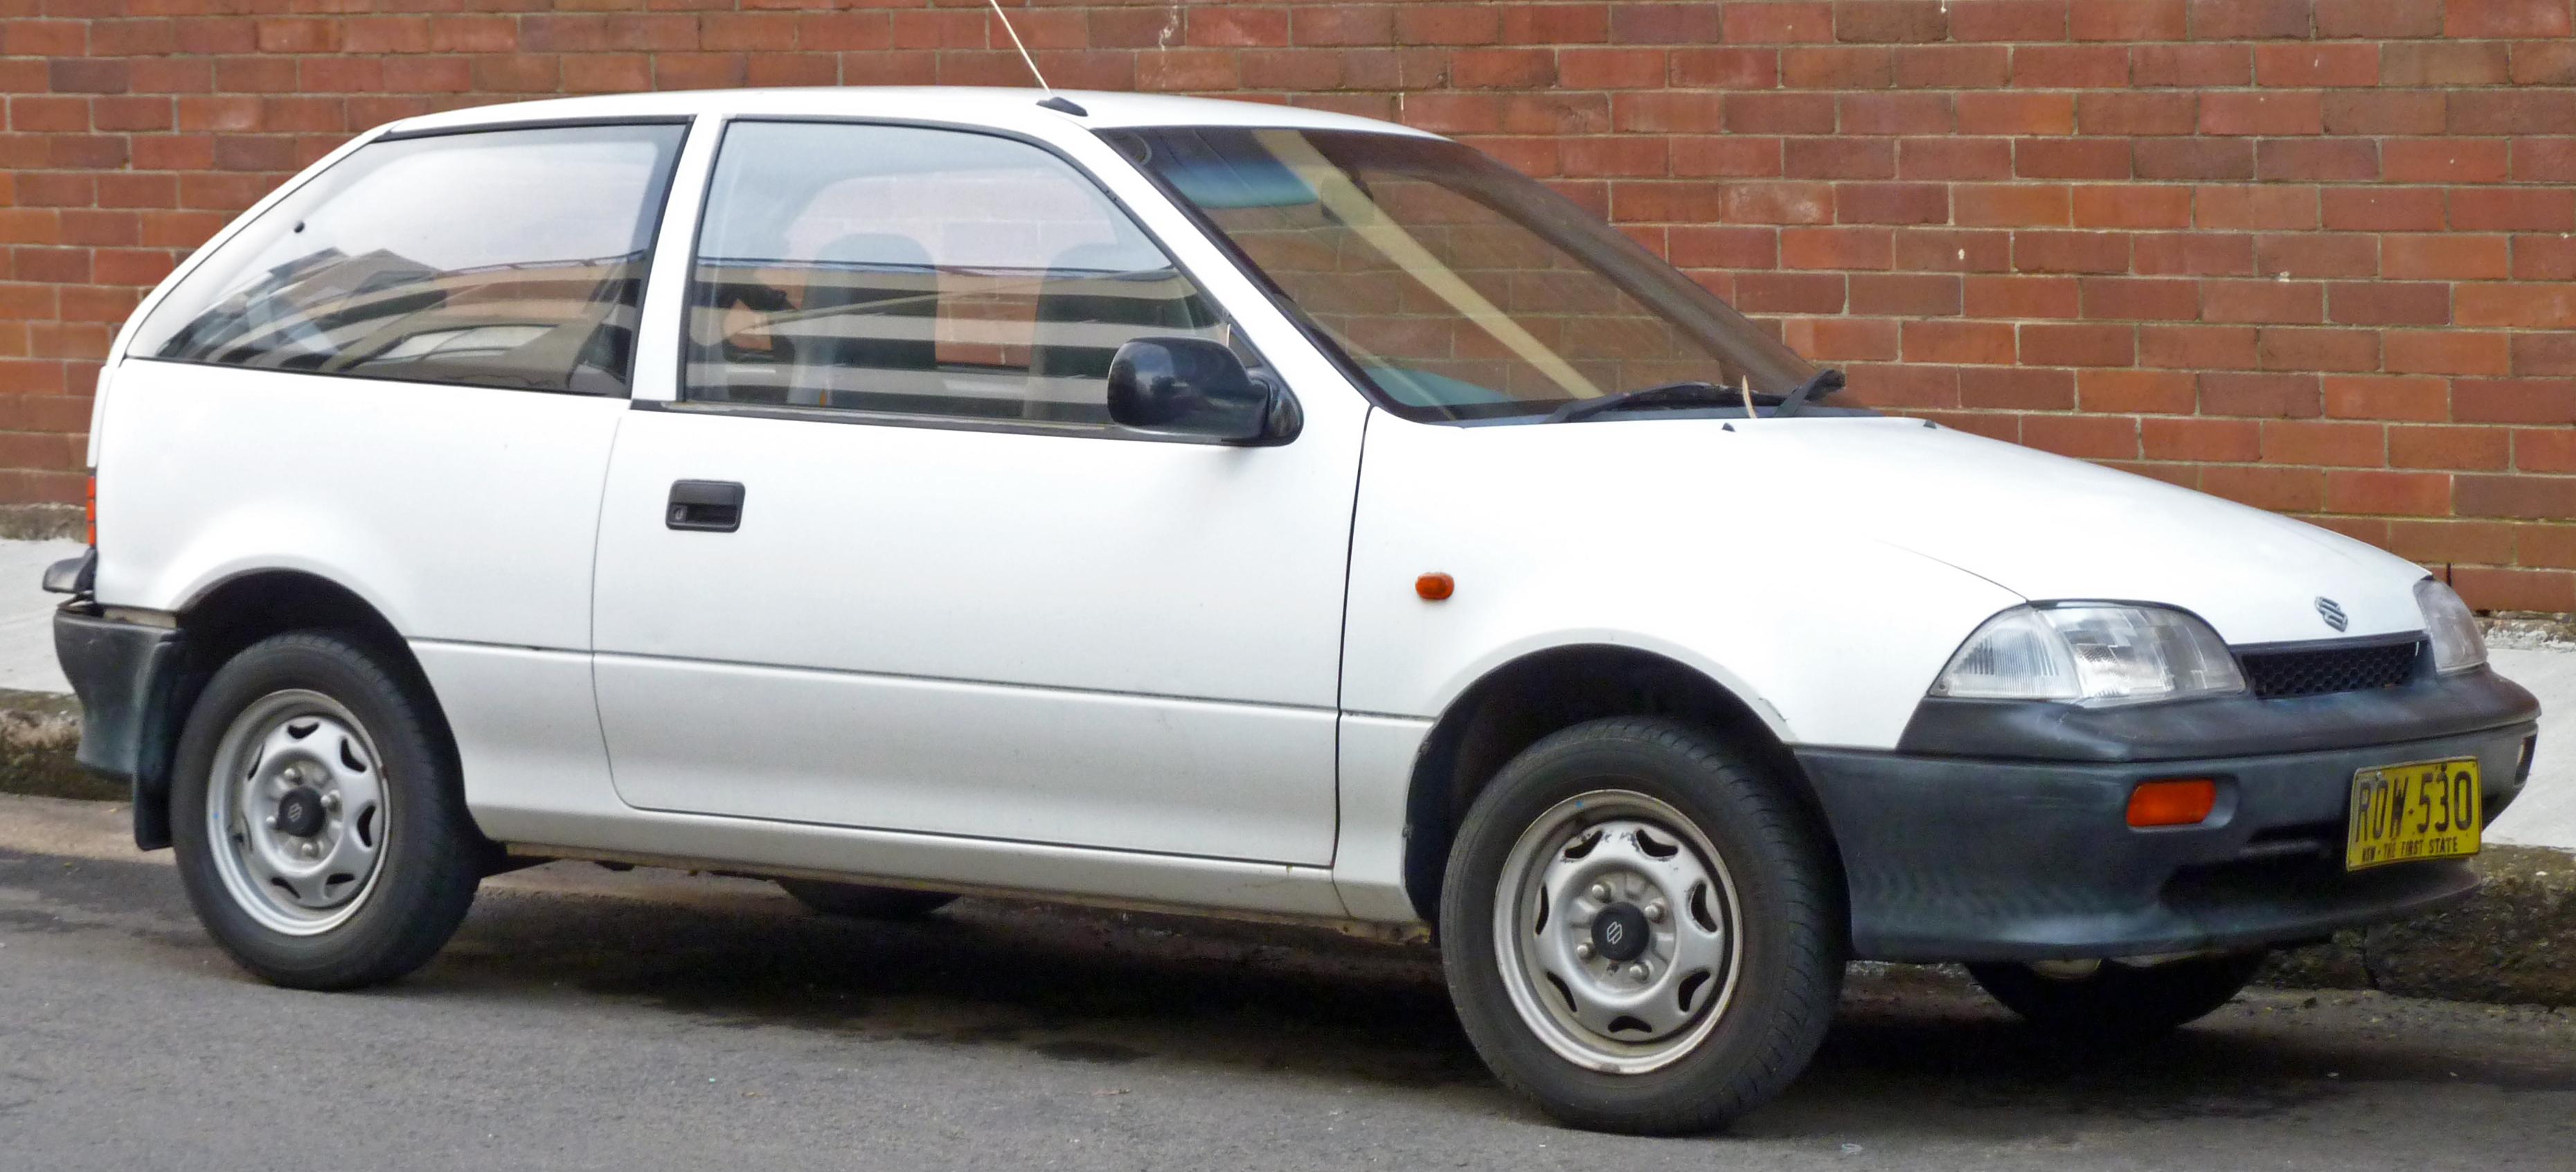 Suzuki Swift II Restyling 1995 - 2003 Hatchback 5 door #2